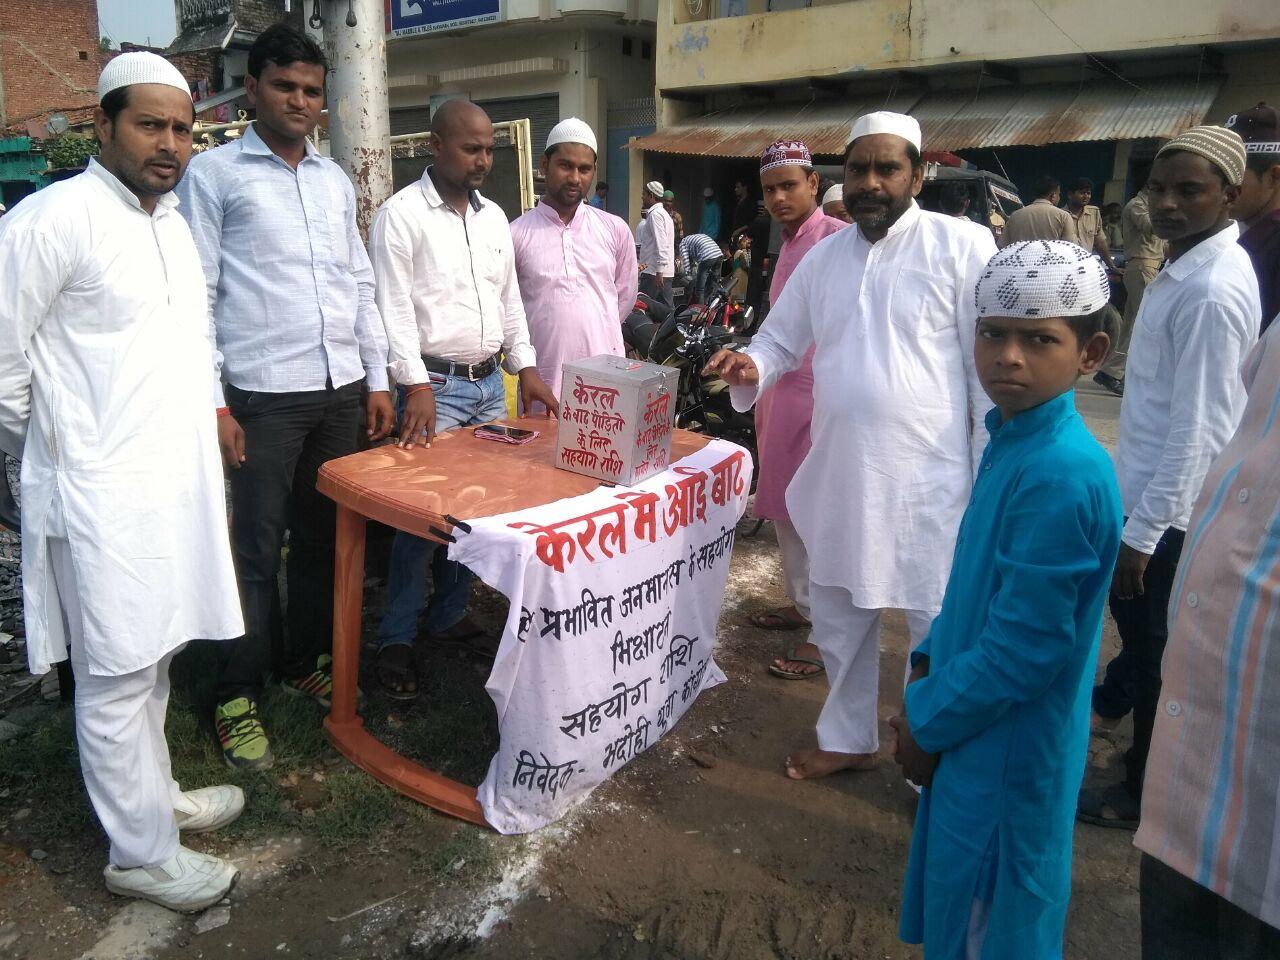 हिंदी समाचार  केरल बाढ़ पीड़ितों की सहायतार्थ...